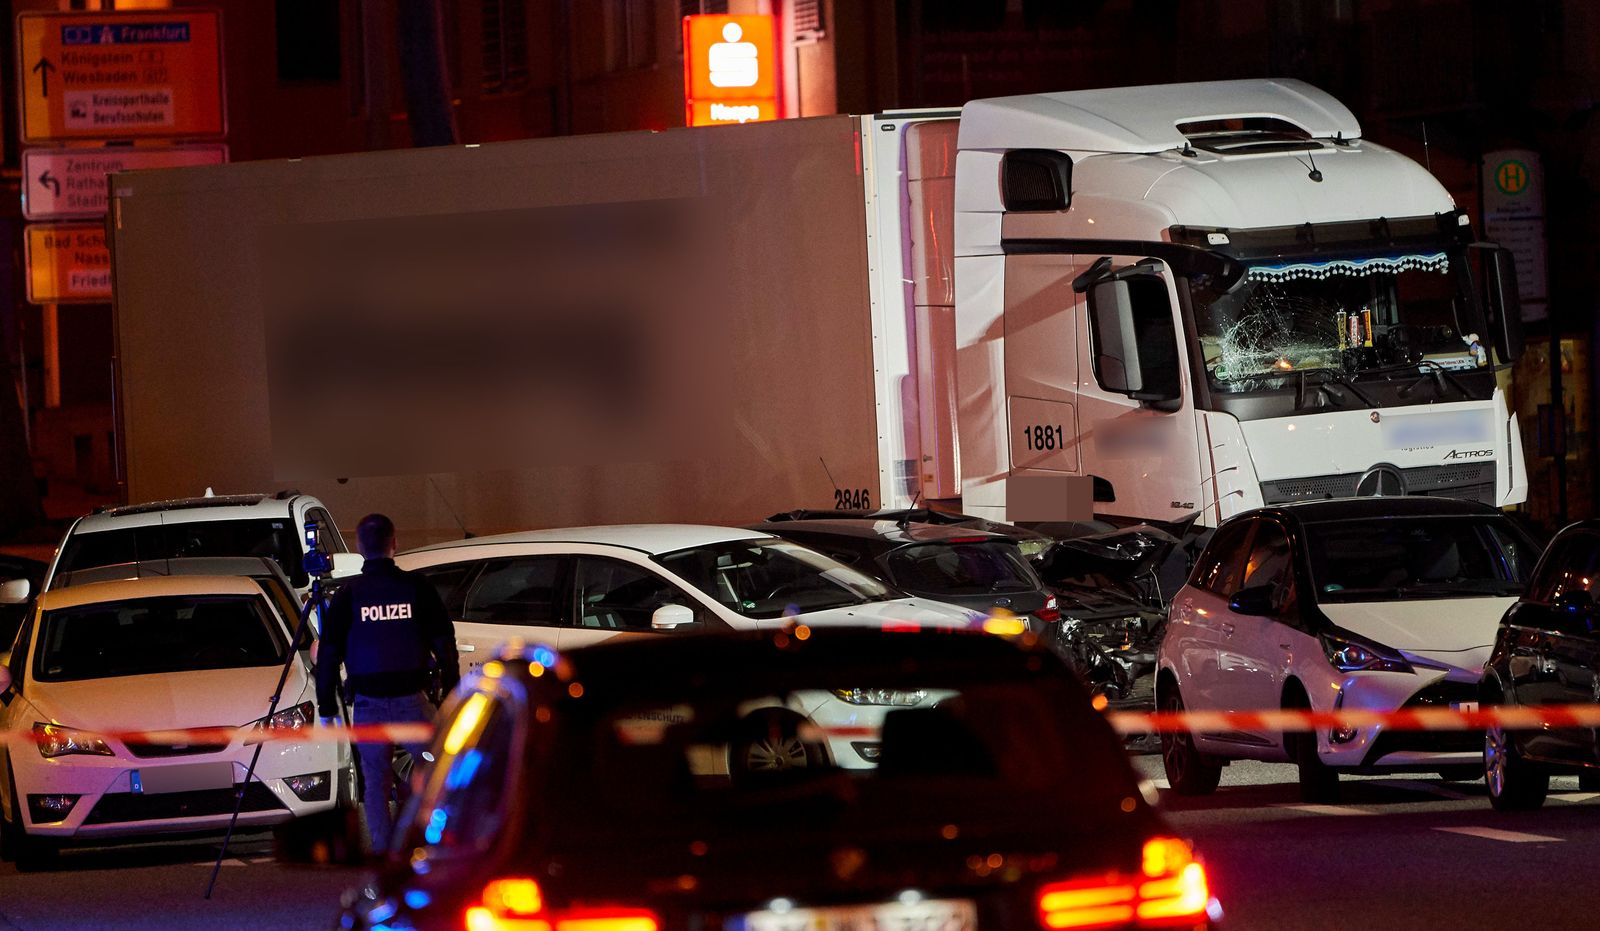 Lastwagen f?hrt auf Fahrzeuge auf - Ein Schwerverletzter